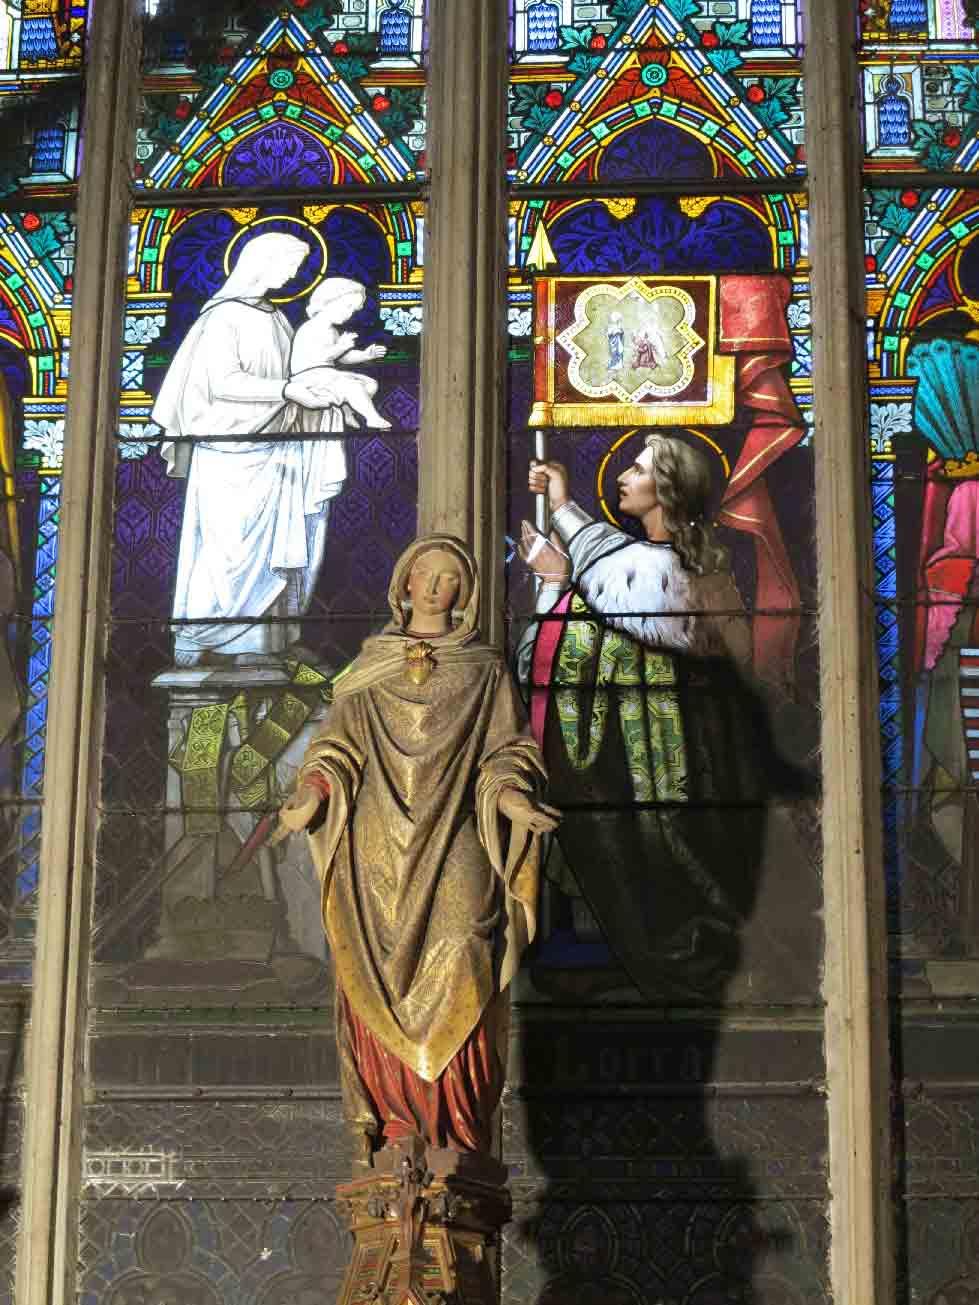 René II de Lorraine en prière devant une statue de la Vierge à l'Enfant (détail)